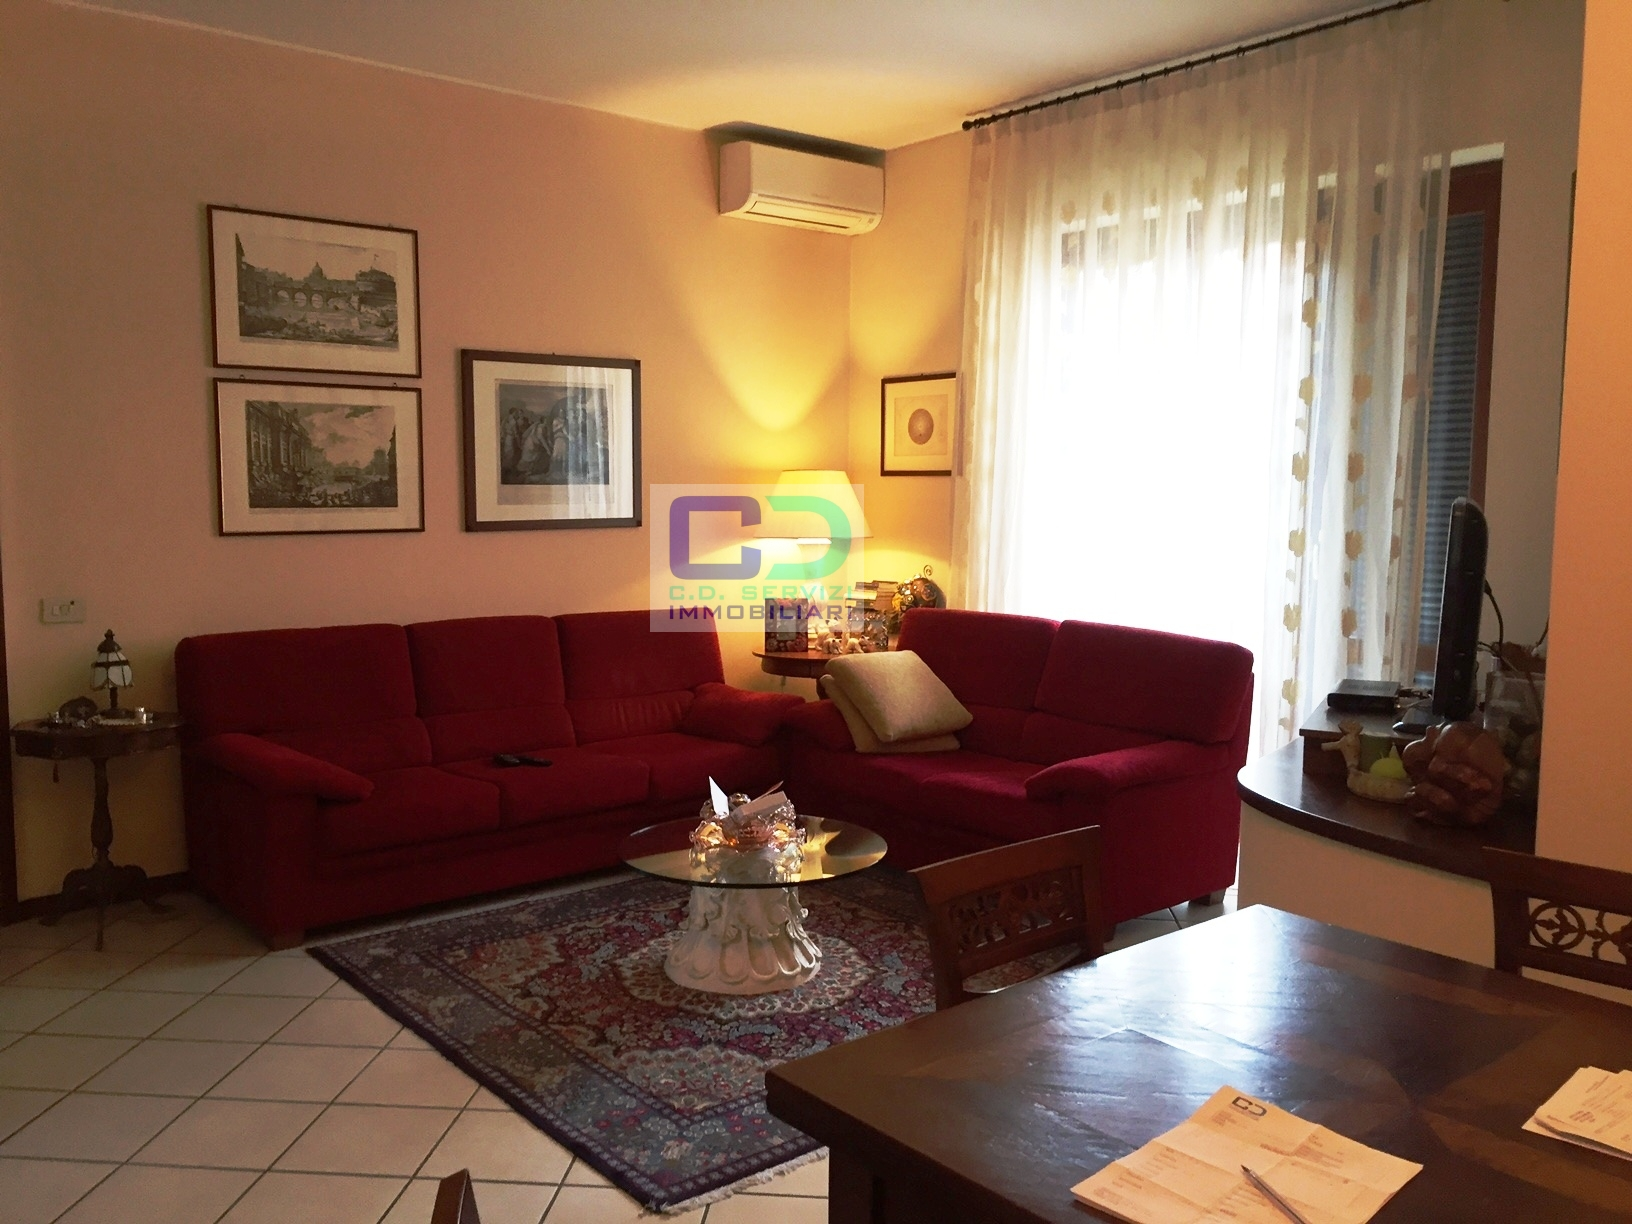 Appartamento in vendita a Bellinzago Lombardo, 5 locali, prezzo € 380.000 | CambioCasa.it